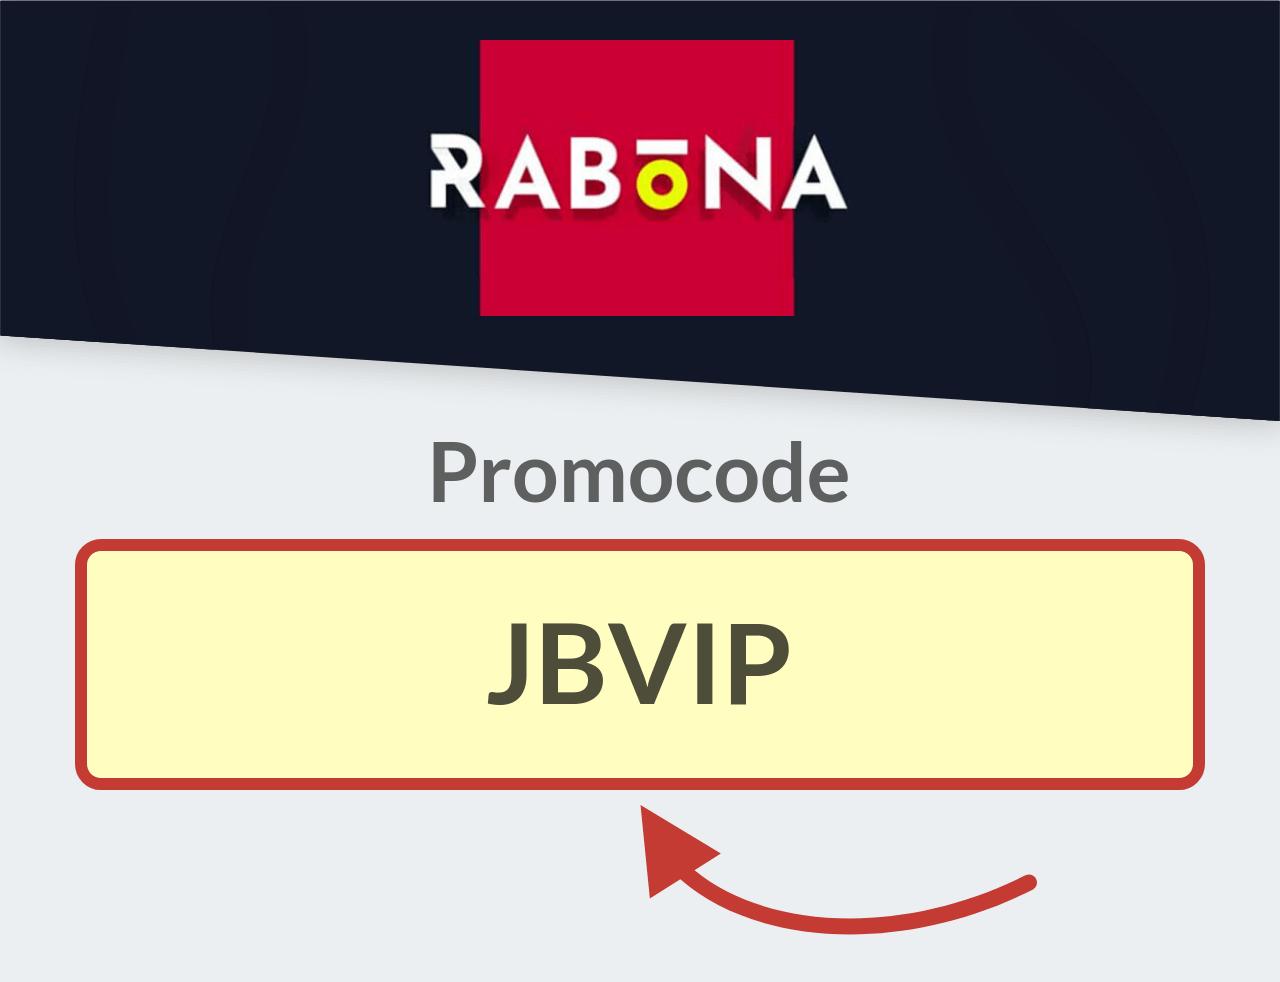 Rabona Promocode